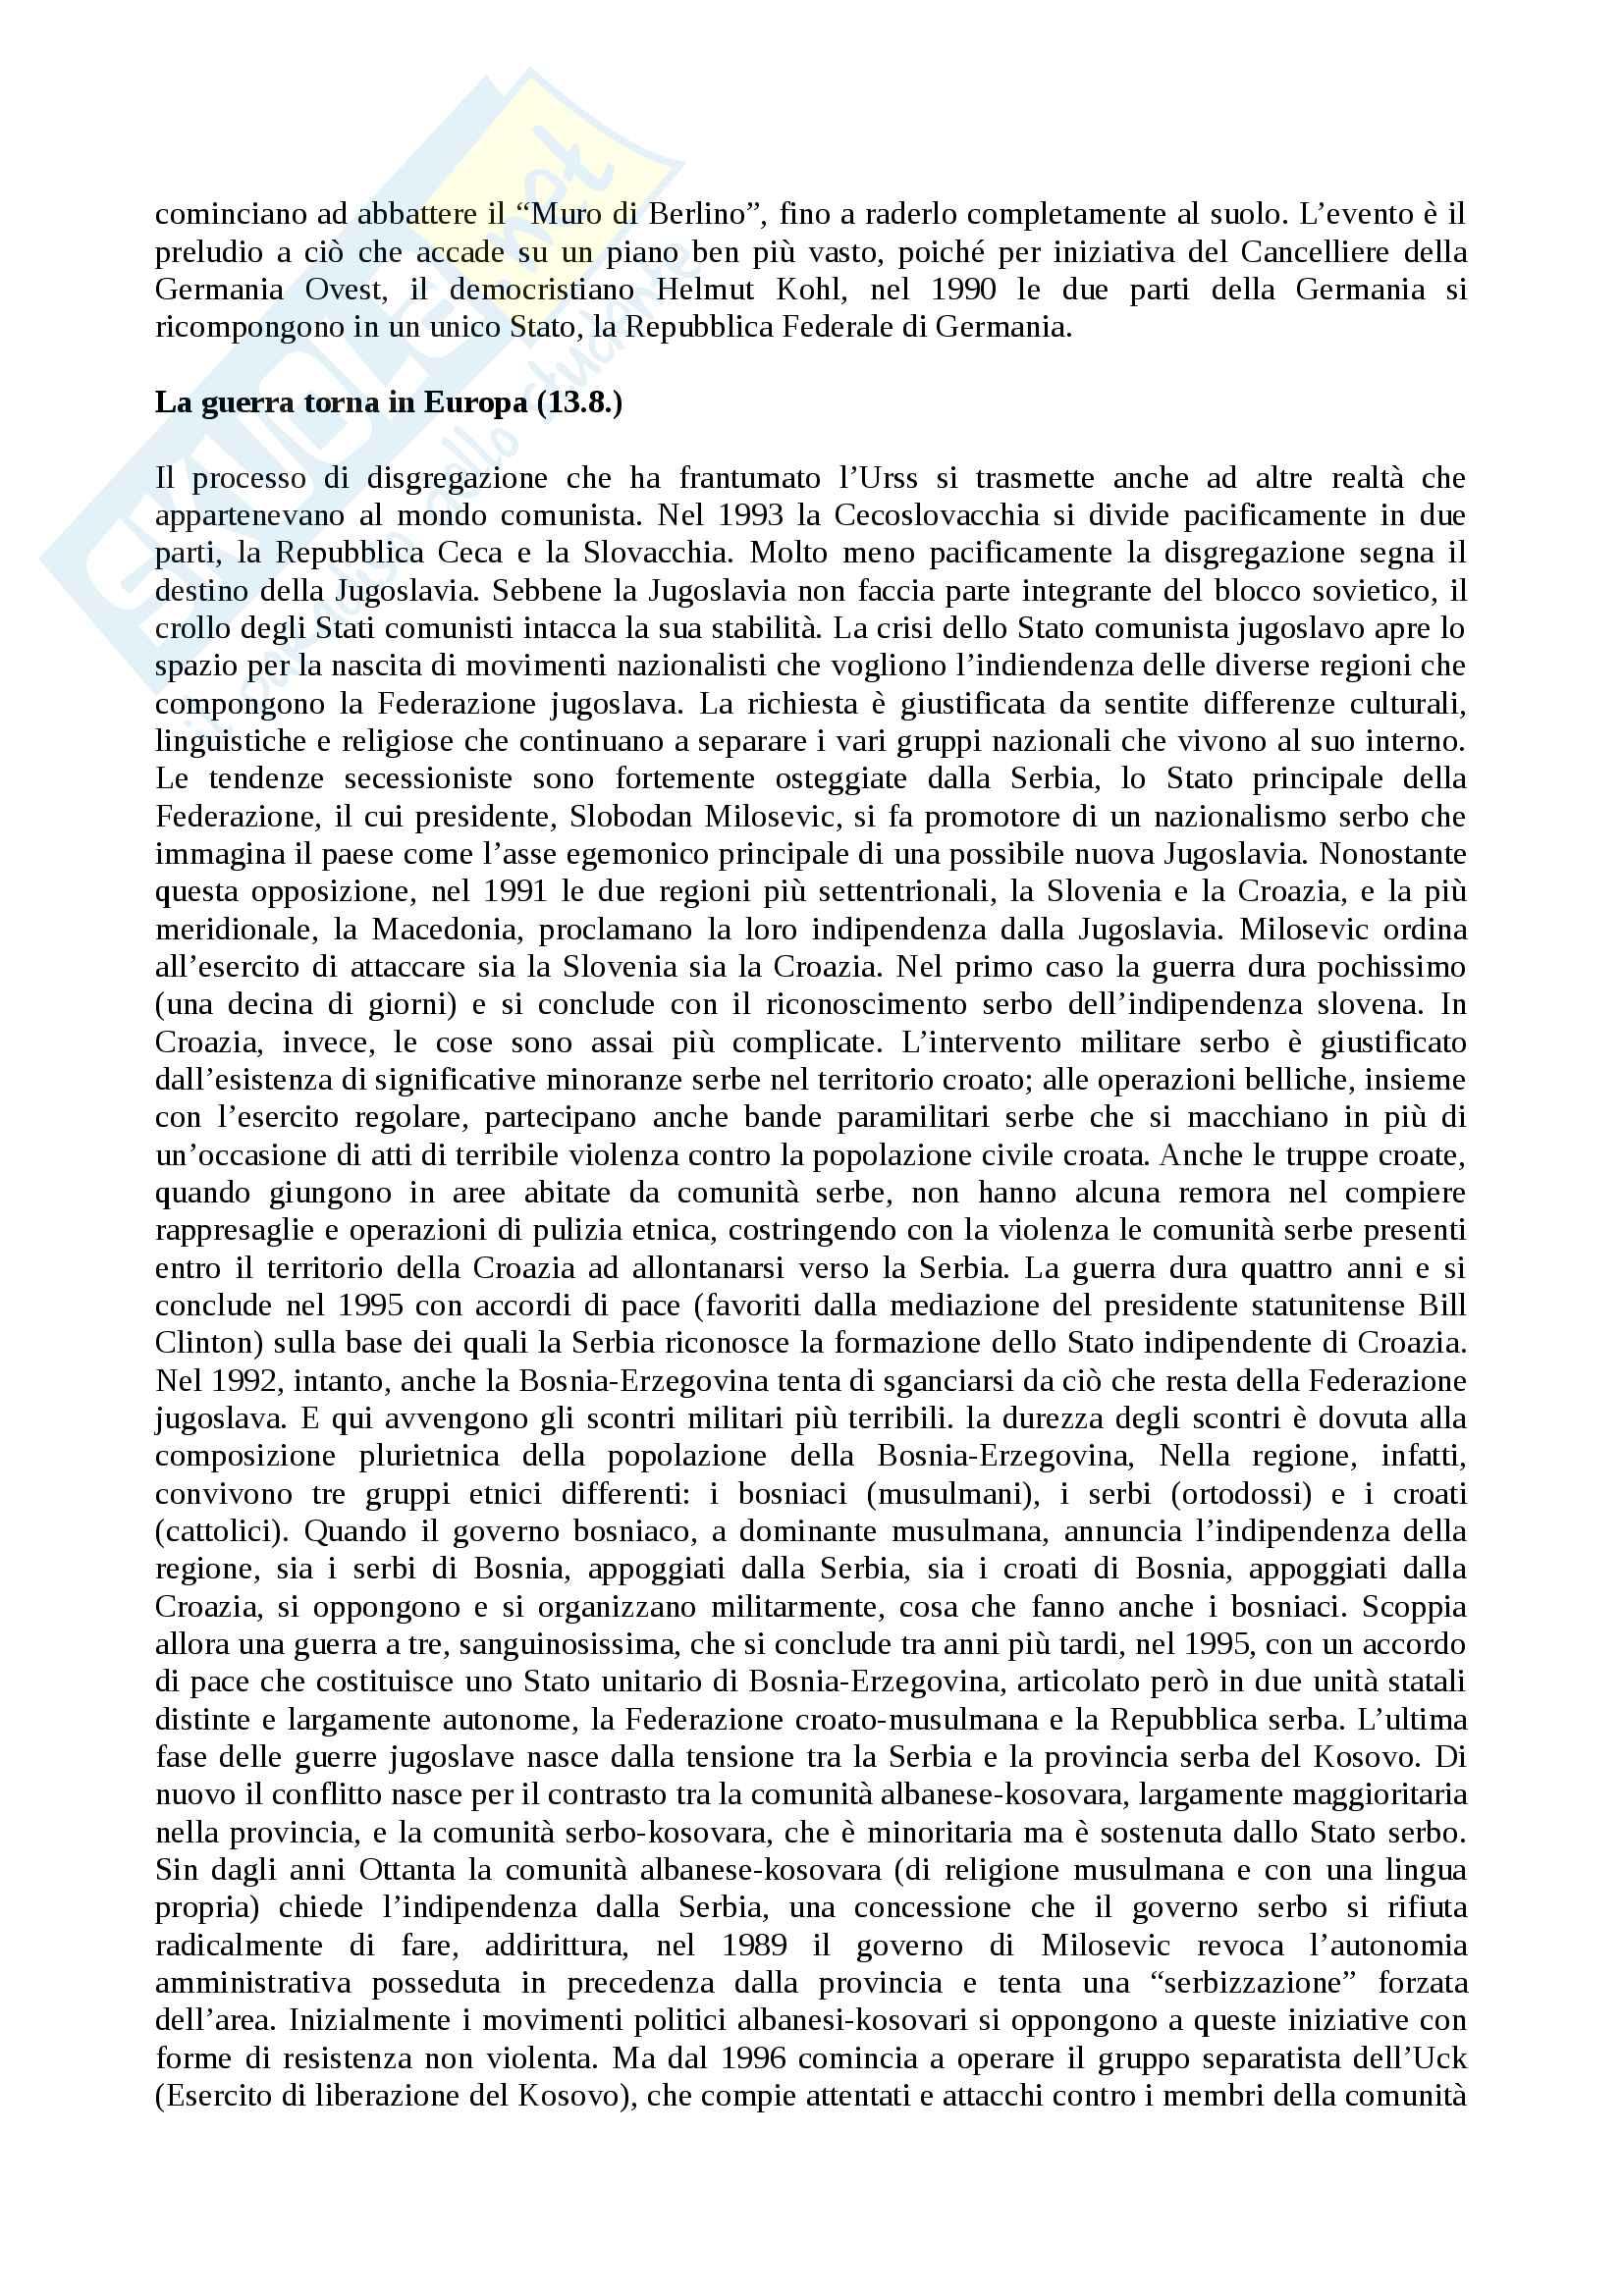 Appunti di storia contemporanea sul novecento Pag. 81